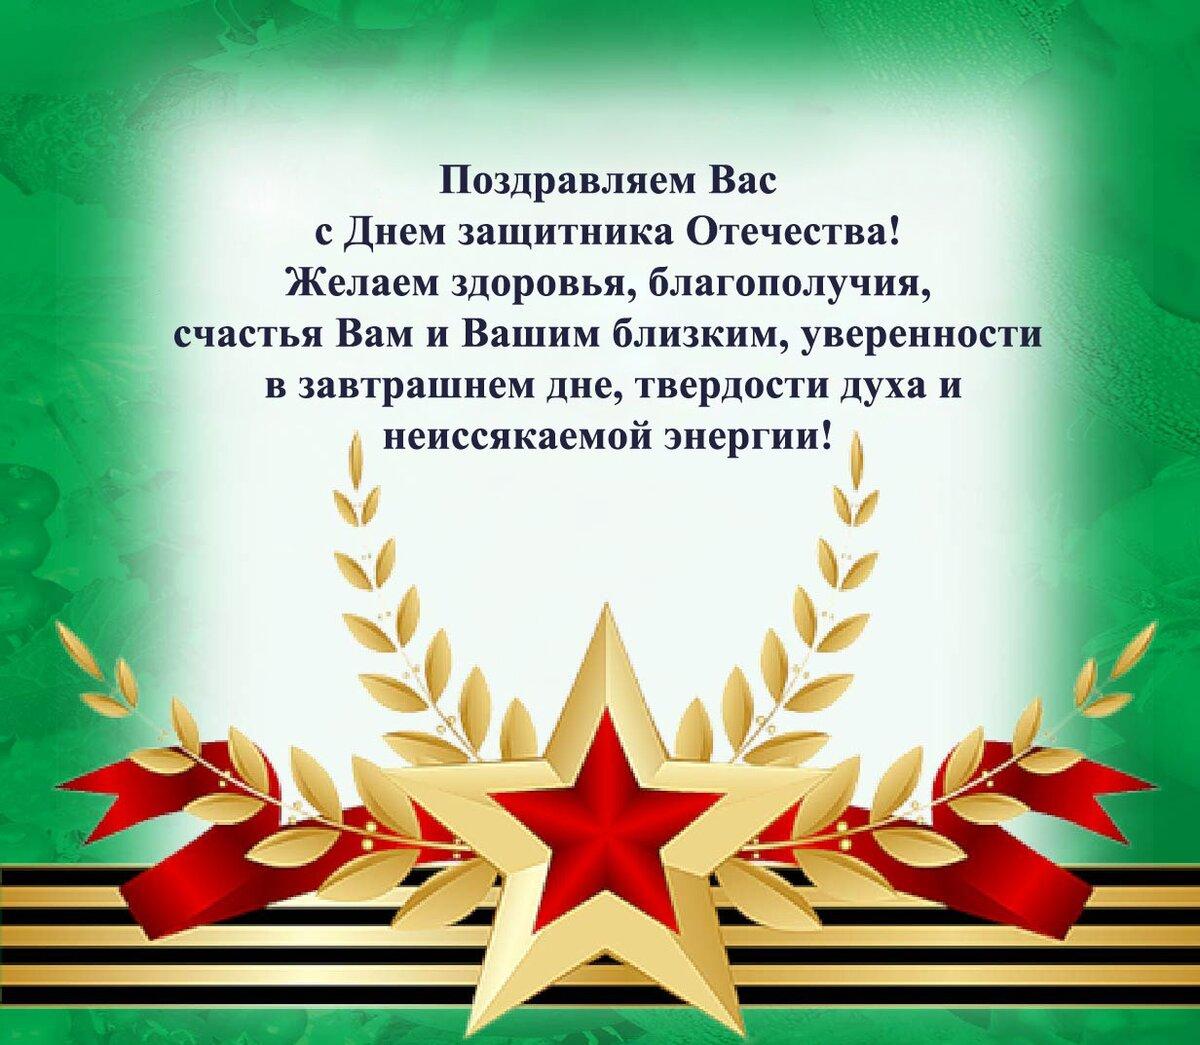 Поздравление мужчинам в коллективе с 23 февраля